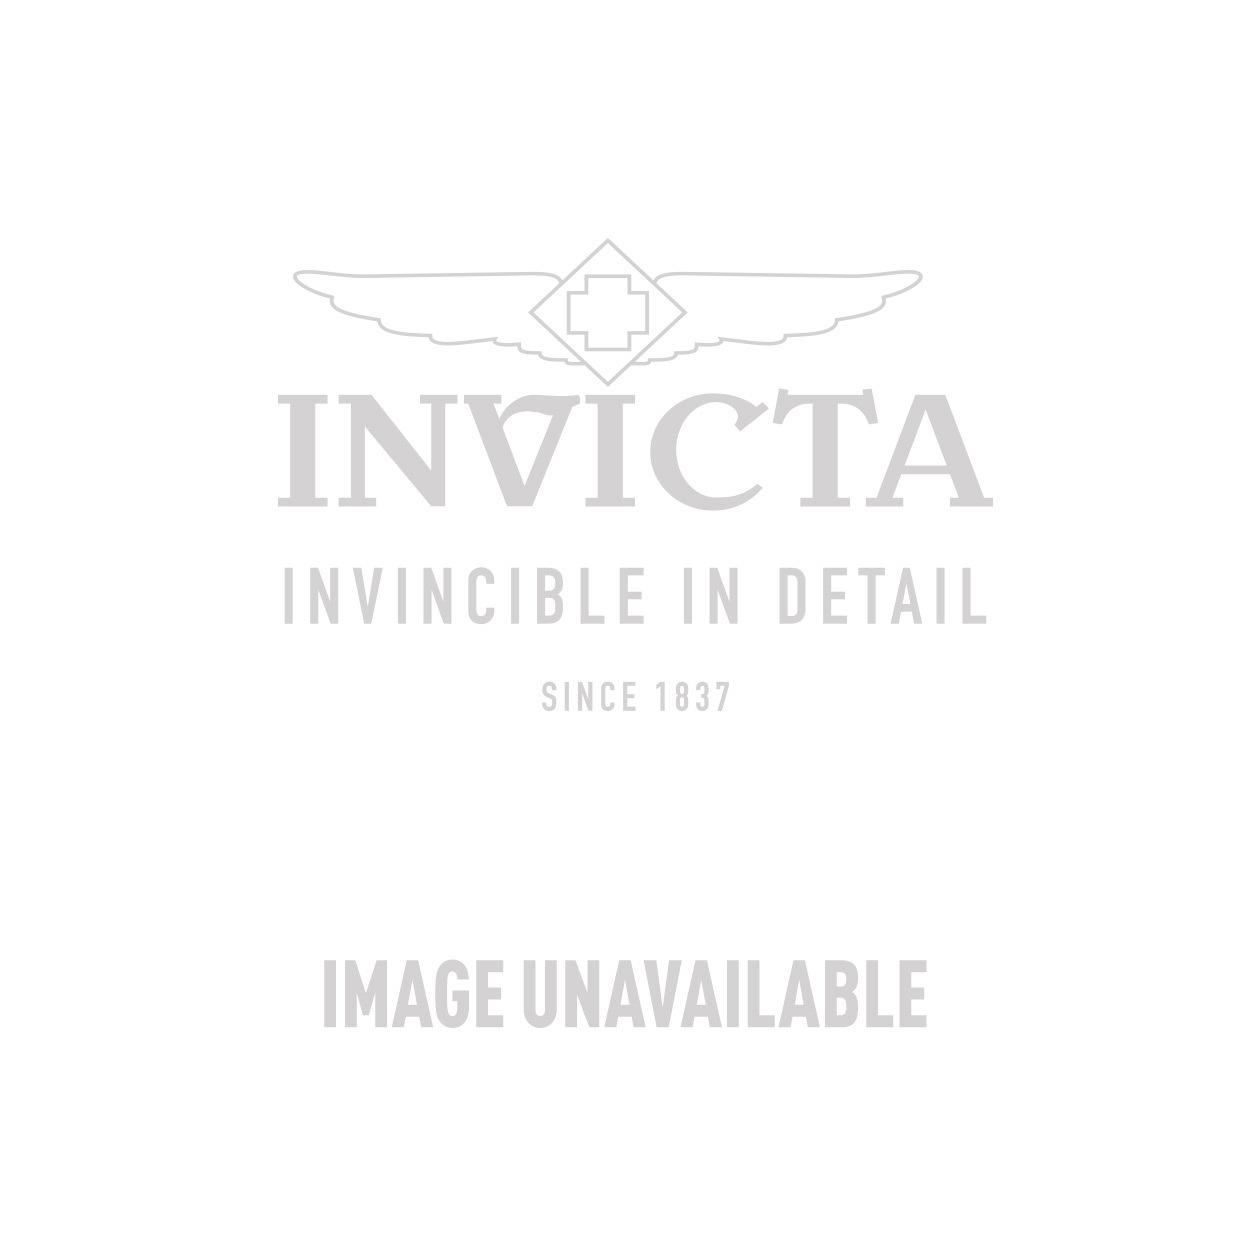 Invicta Model 28799